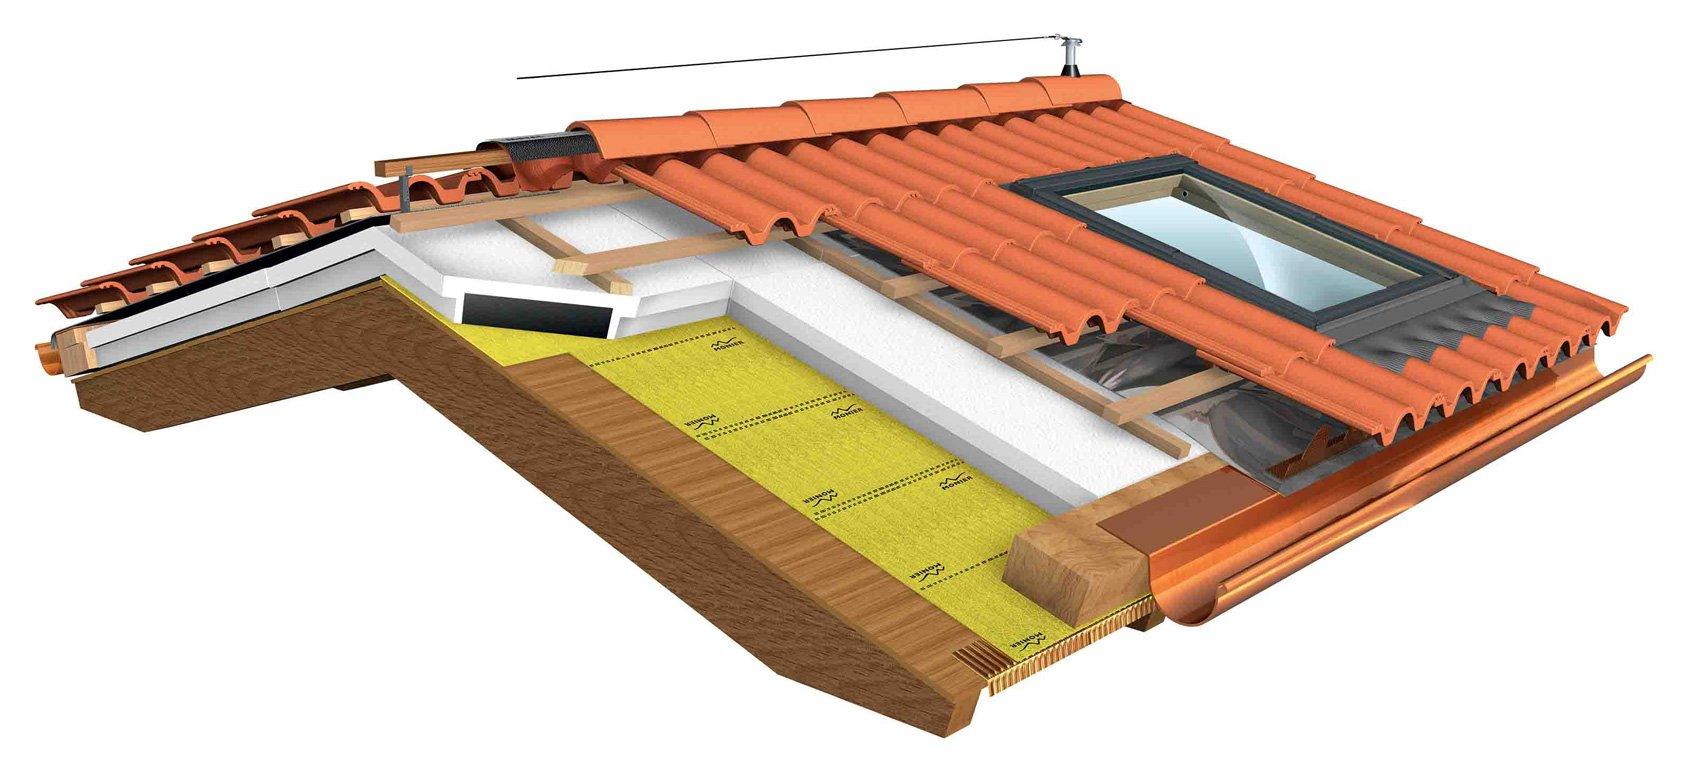 Tetto una garanzia di 15 anni cose di casa for Velux tetto